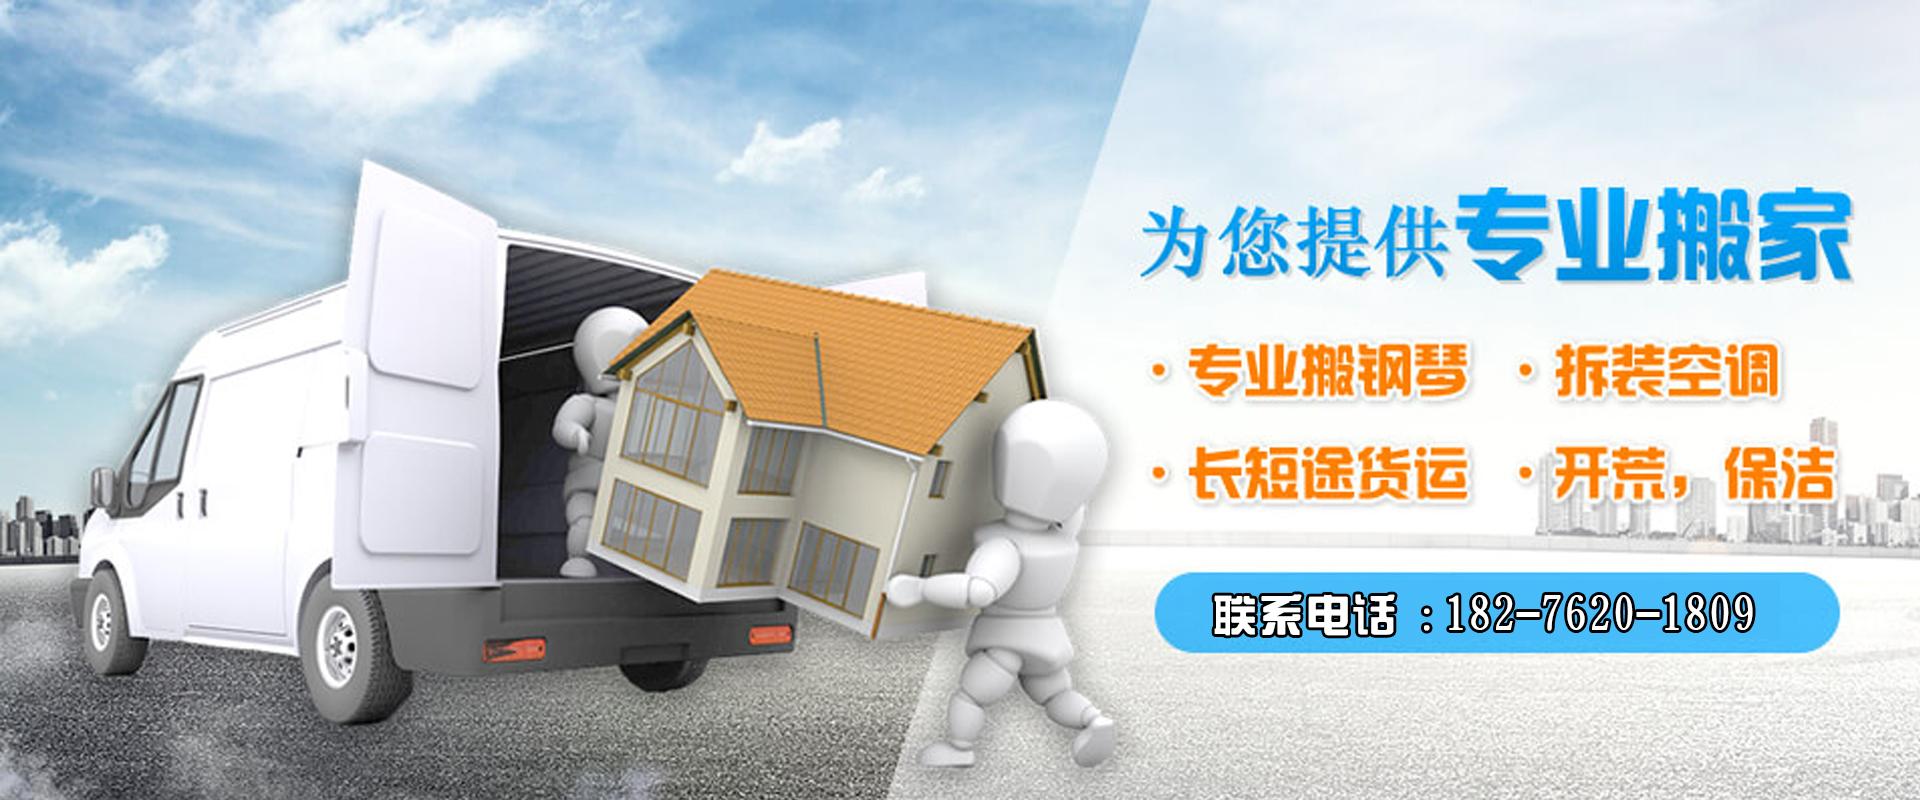 柳州搬家费用:白领搬家如何选择搬家公司